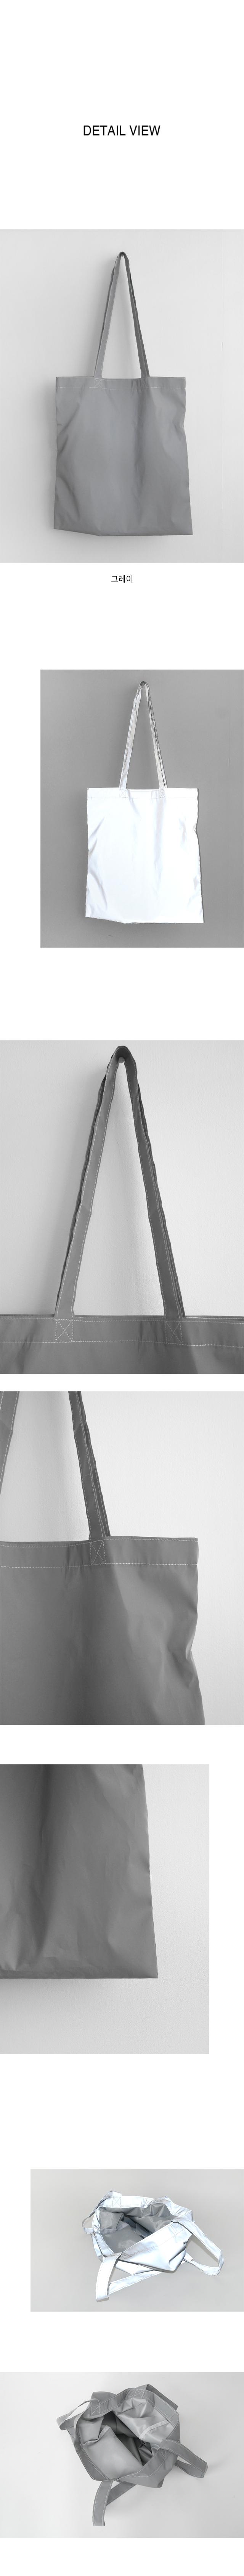 luster grey bag